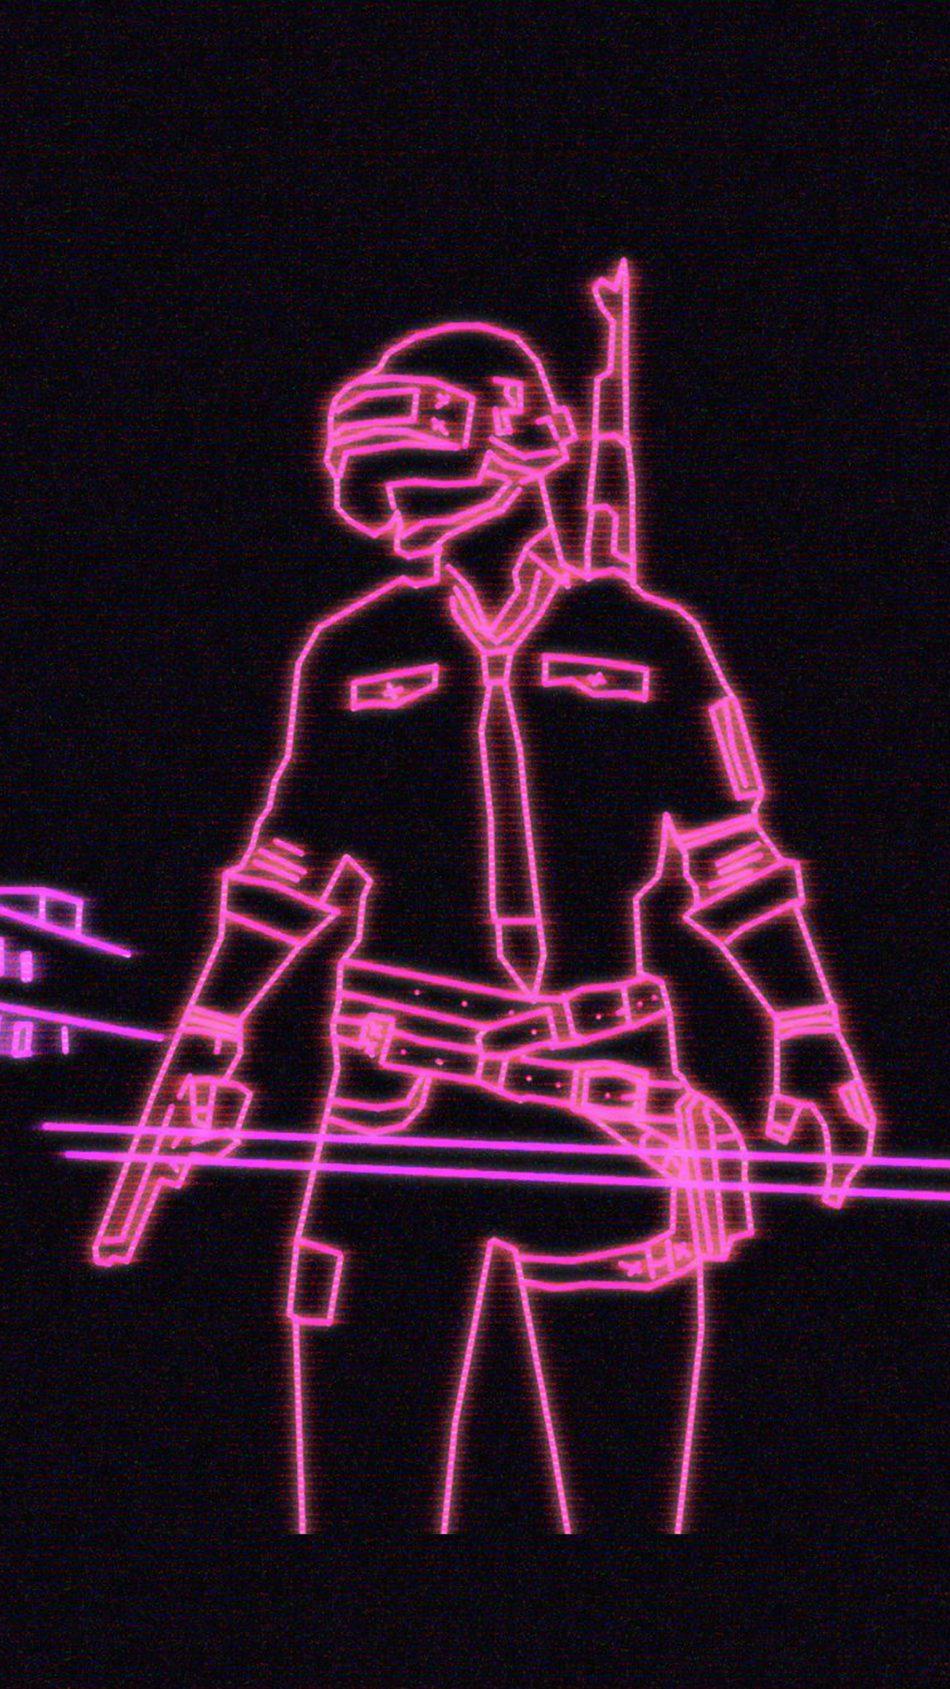 Neon Light PlayerUnknowns Battlegrounds PUBG 4K Ultra HD Mobile Wallpaper